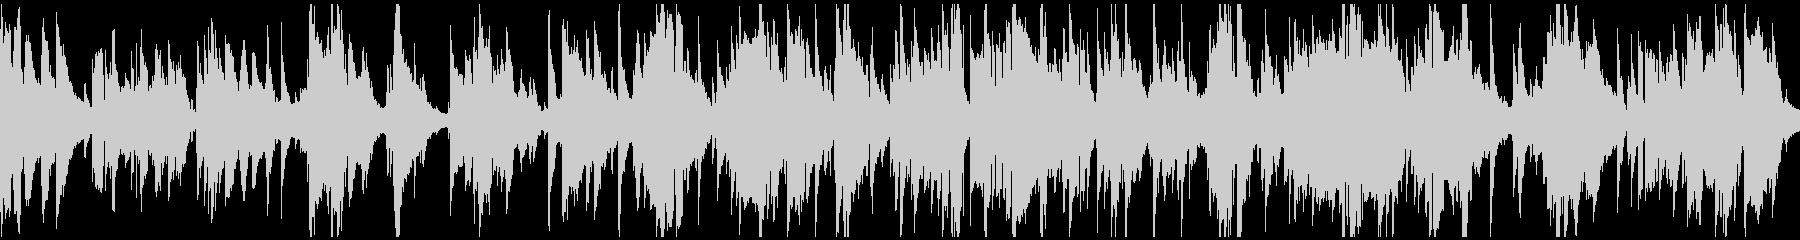 素敵なムードのジャズバラード ※ループ版の未再生の波形